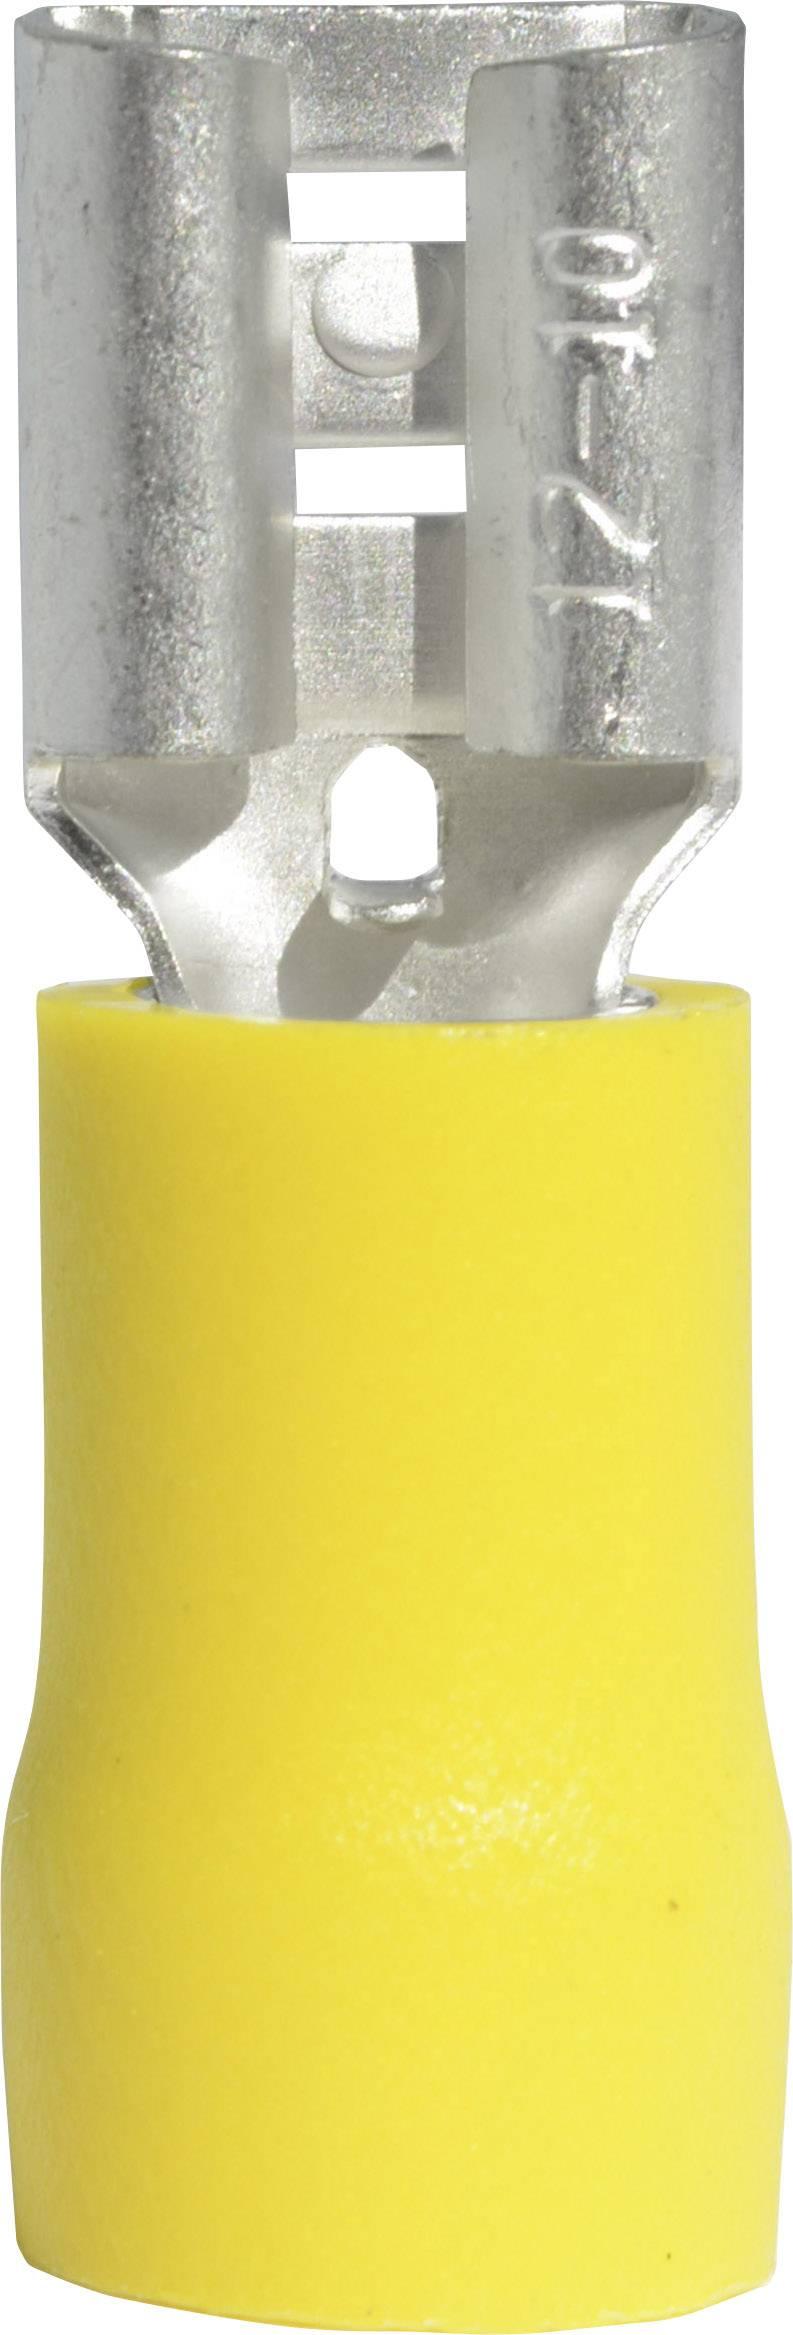 Faston zásuvka Vogt Verbindungstechnik 3907S 6.3 mm x 0.8 mm, 180 °, částečná izolace, žlutá, 1 ks